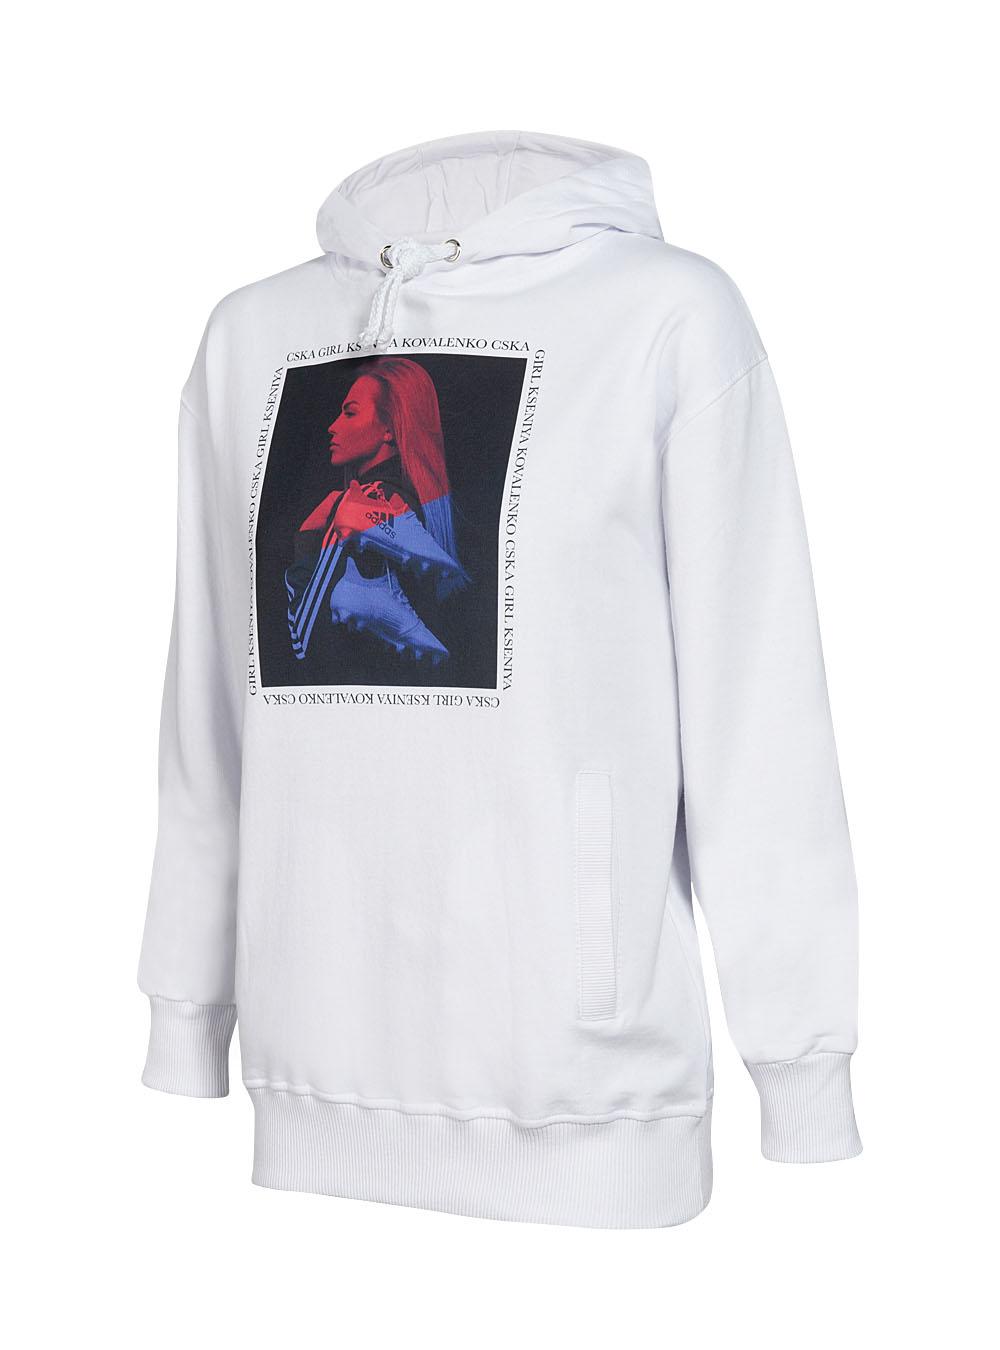 Купить Худи женское «Коваленко»,цвет белый (M) по Нижнему Новгороду